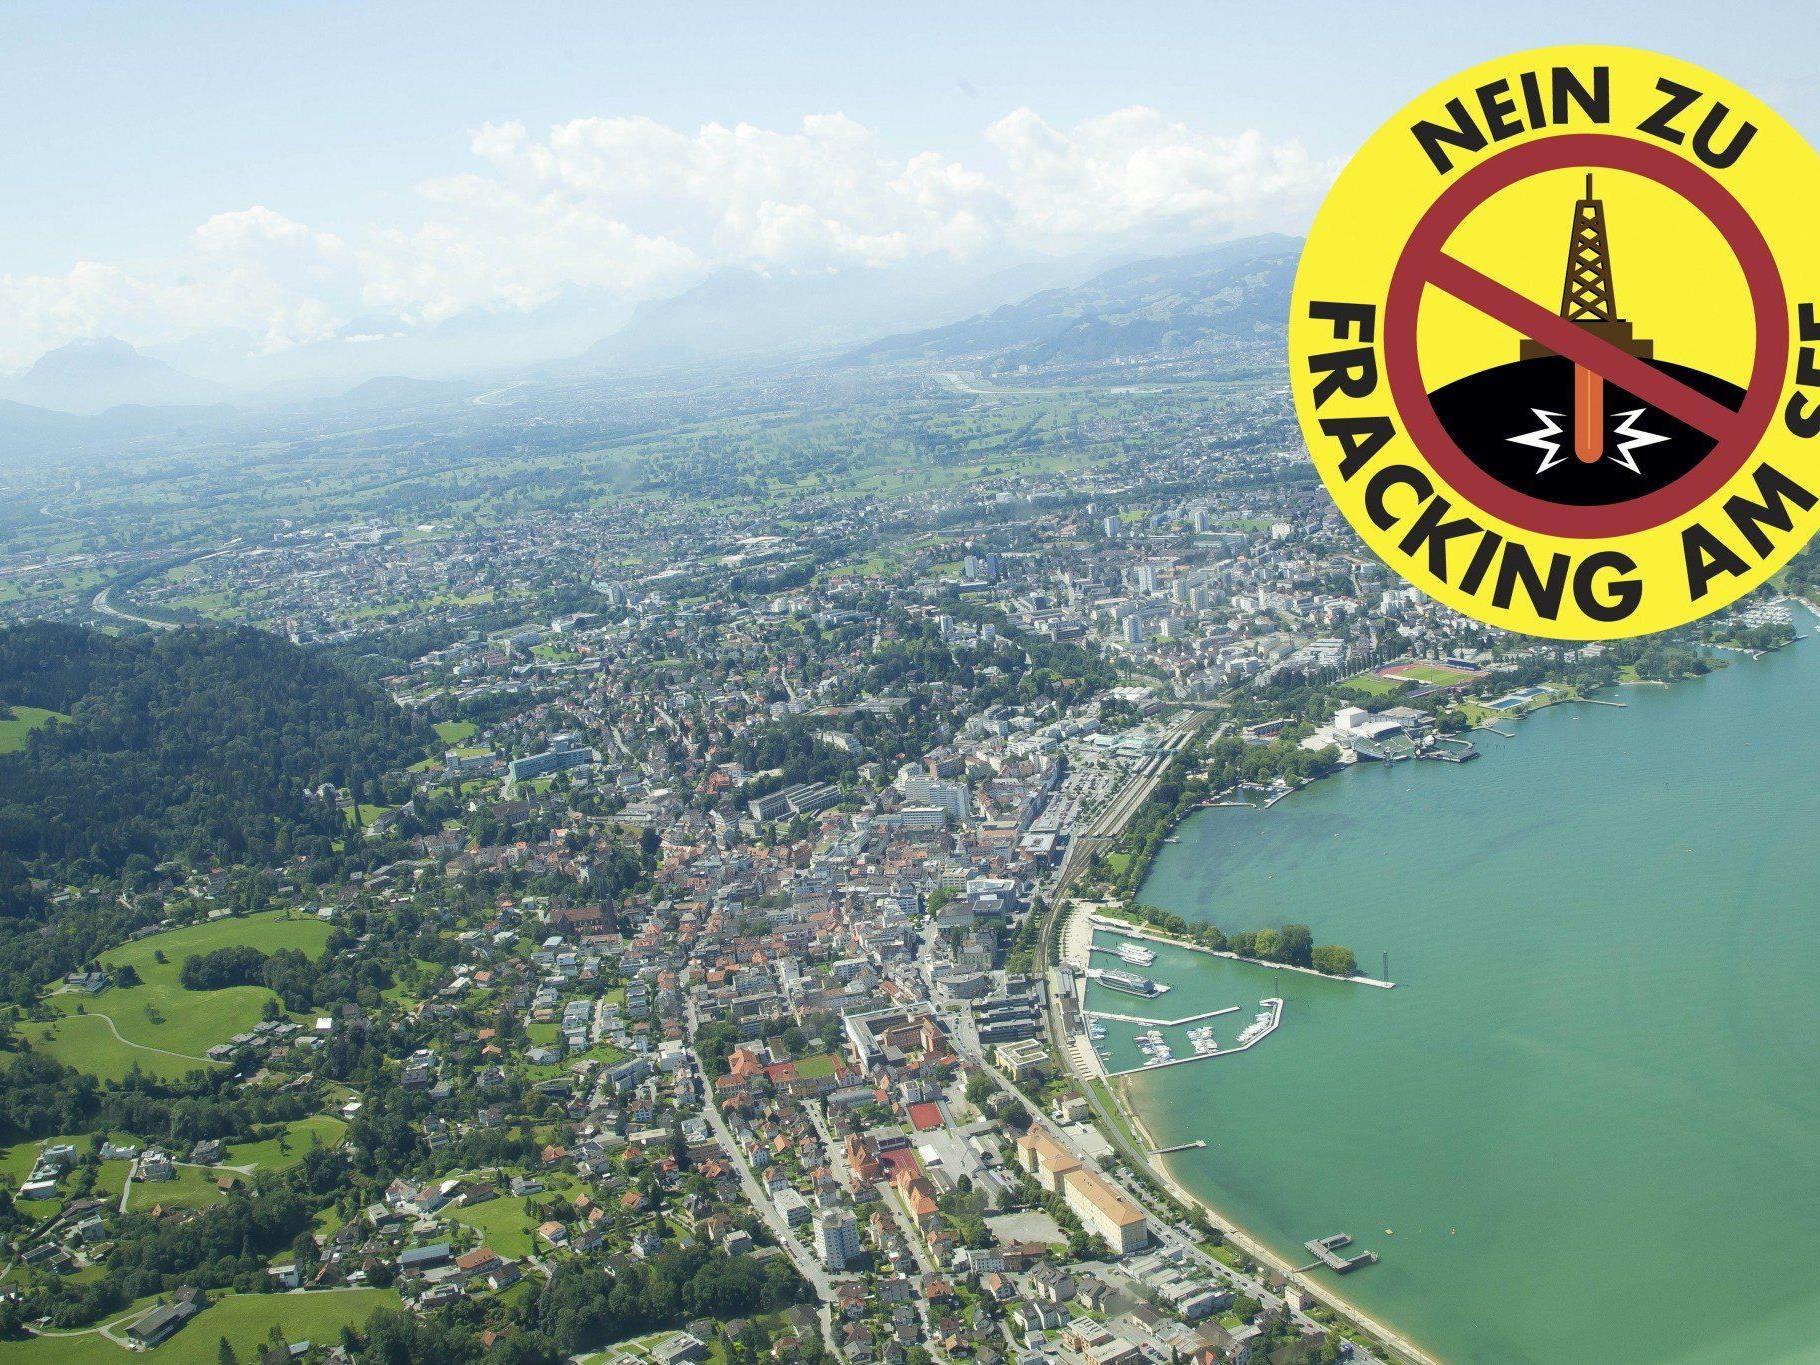 Die Internationale Gewässerschutzkommission für den Bodensee fürchtet die möglichen Folgen von Fracking.